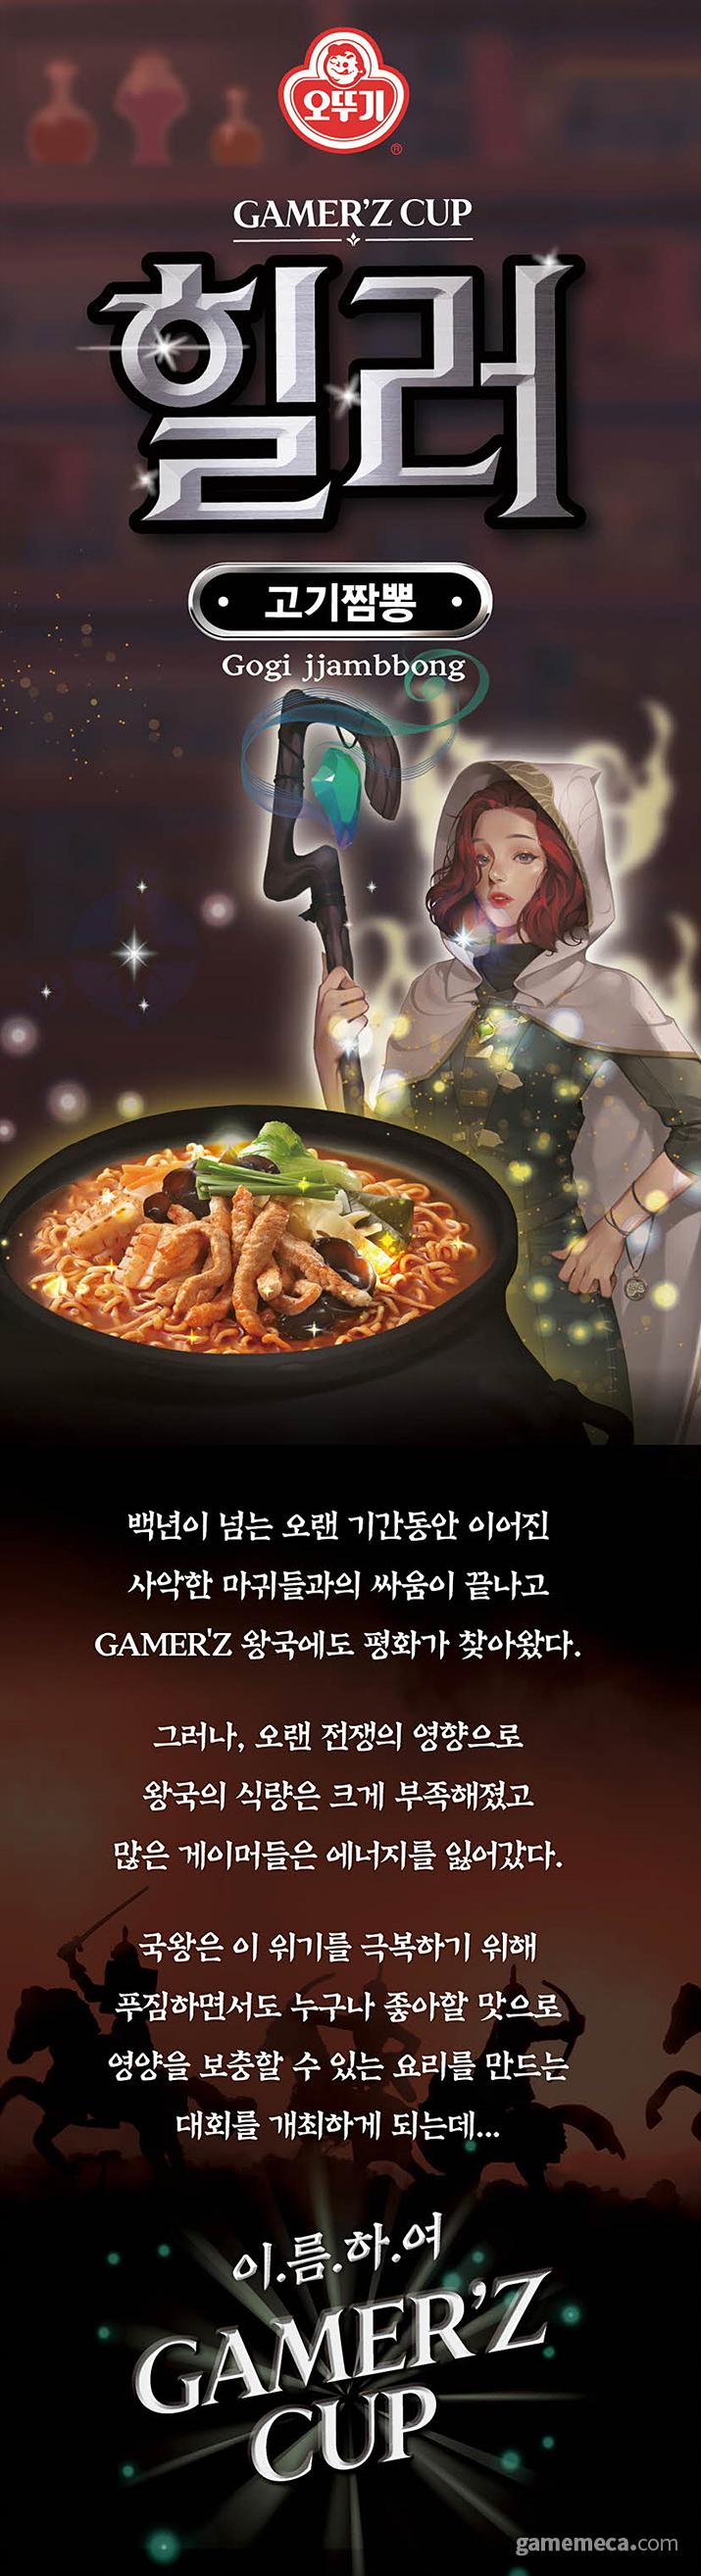 게이머즈컵 세계관 (사진출처: 오뚜기몰)